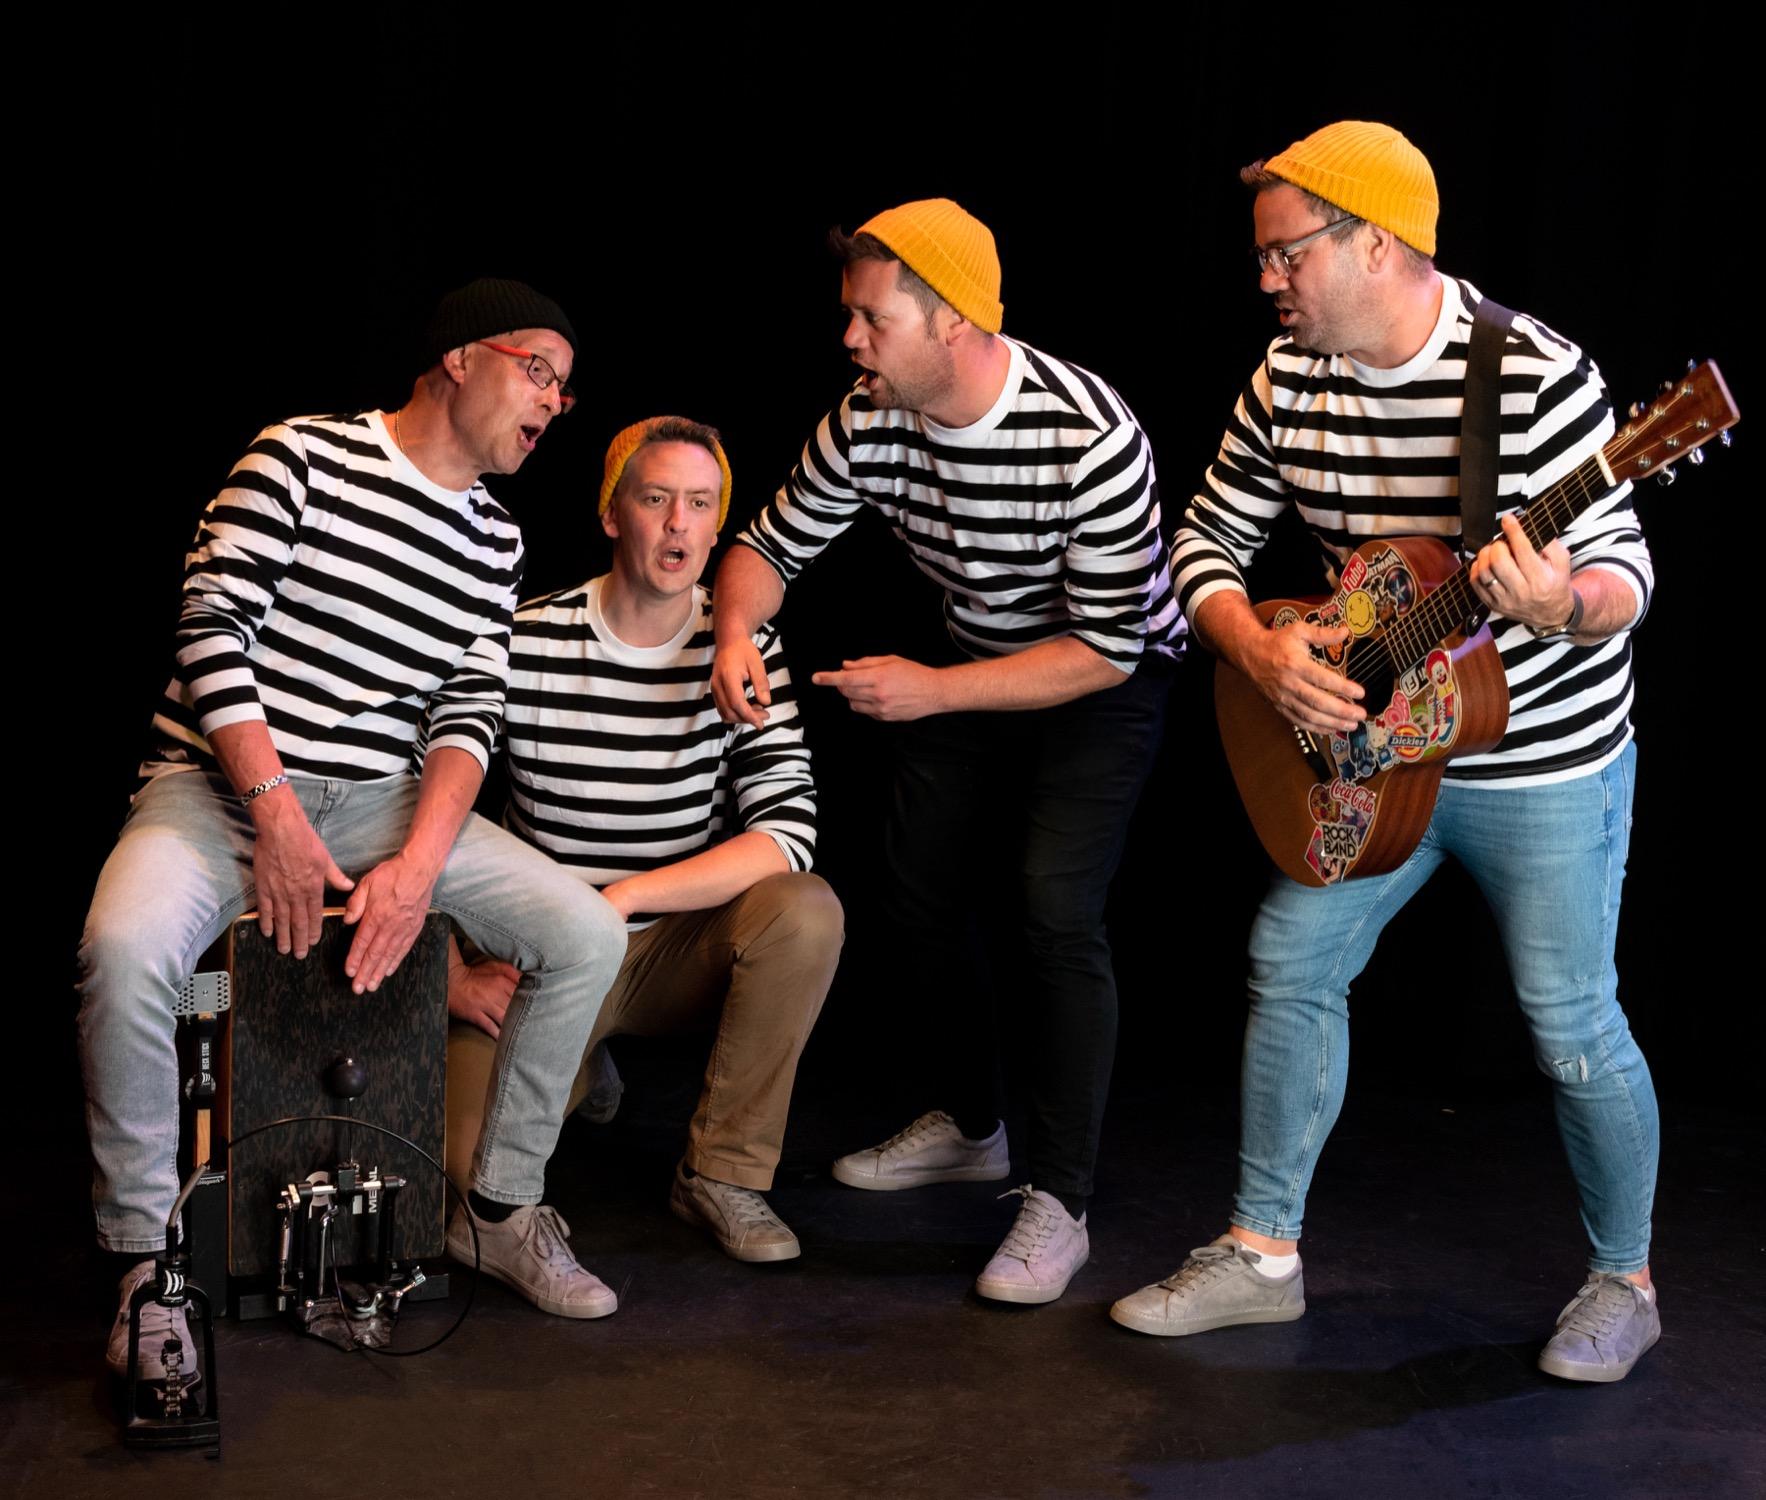 Promo The Shanty Buoys Sea Shanty Singers / Folk Choir Suffolk